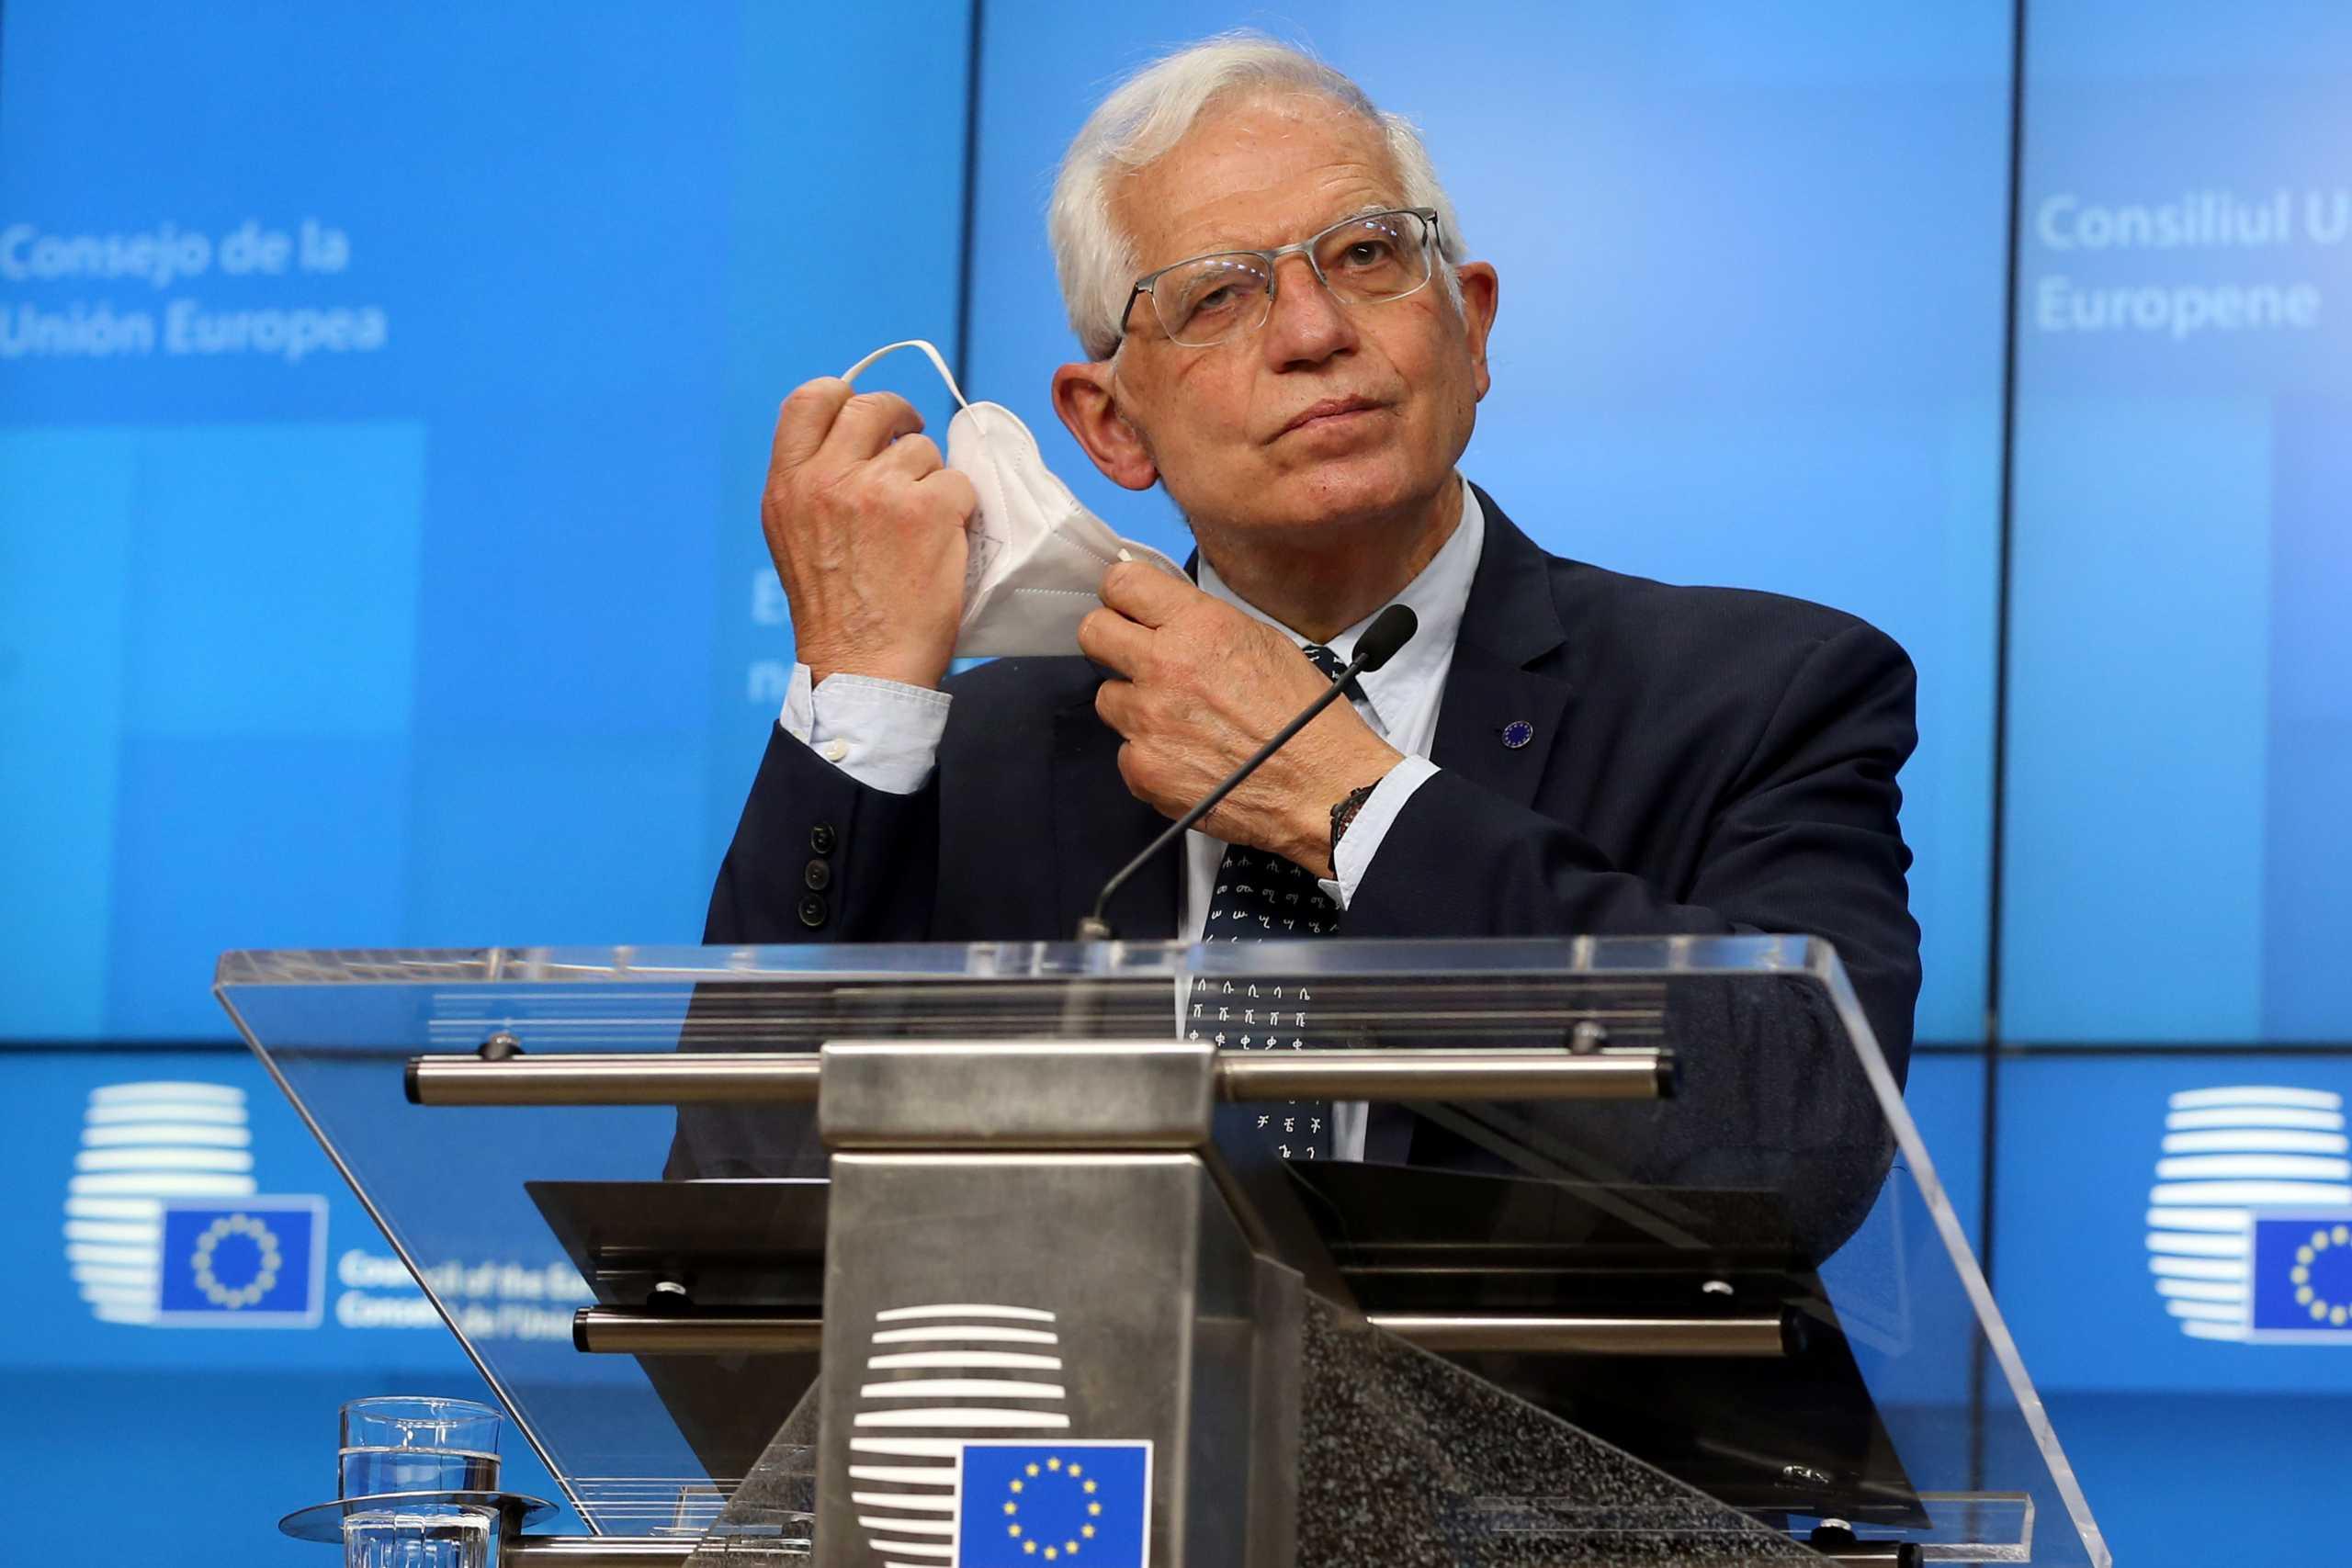 Μπορέλ: Η AUKUS «αφύπνισε» την Ε.Ε για στρατηγική αυτονομία και ικανότητα για δράση